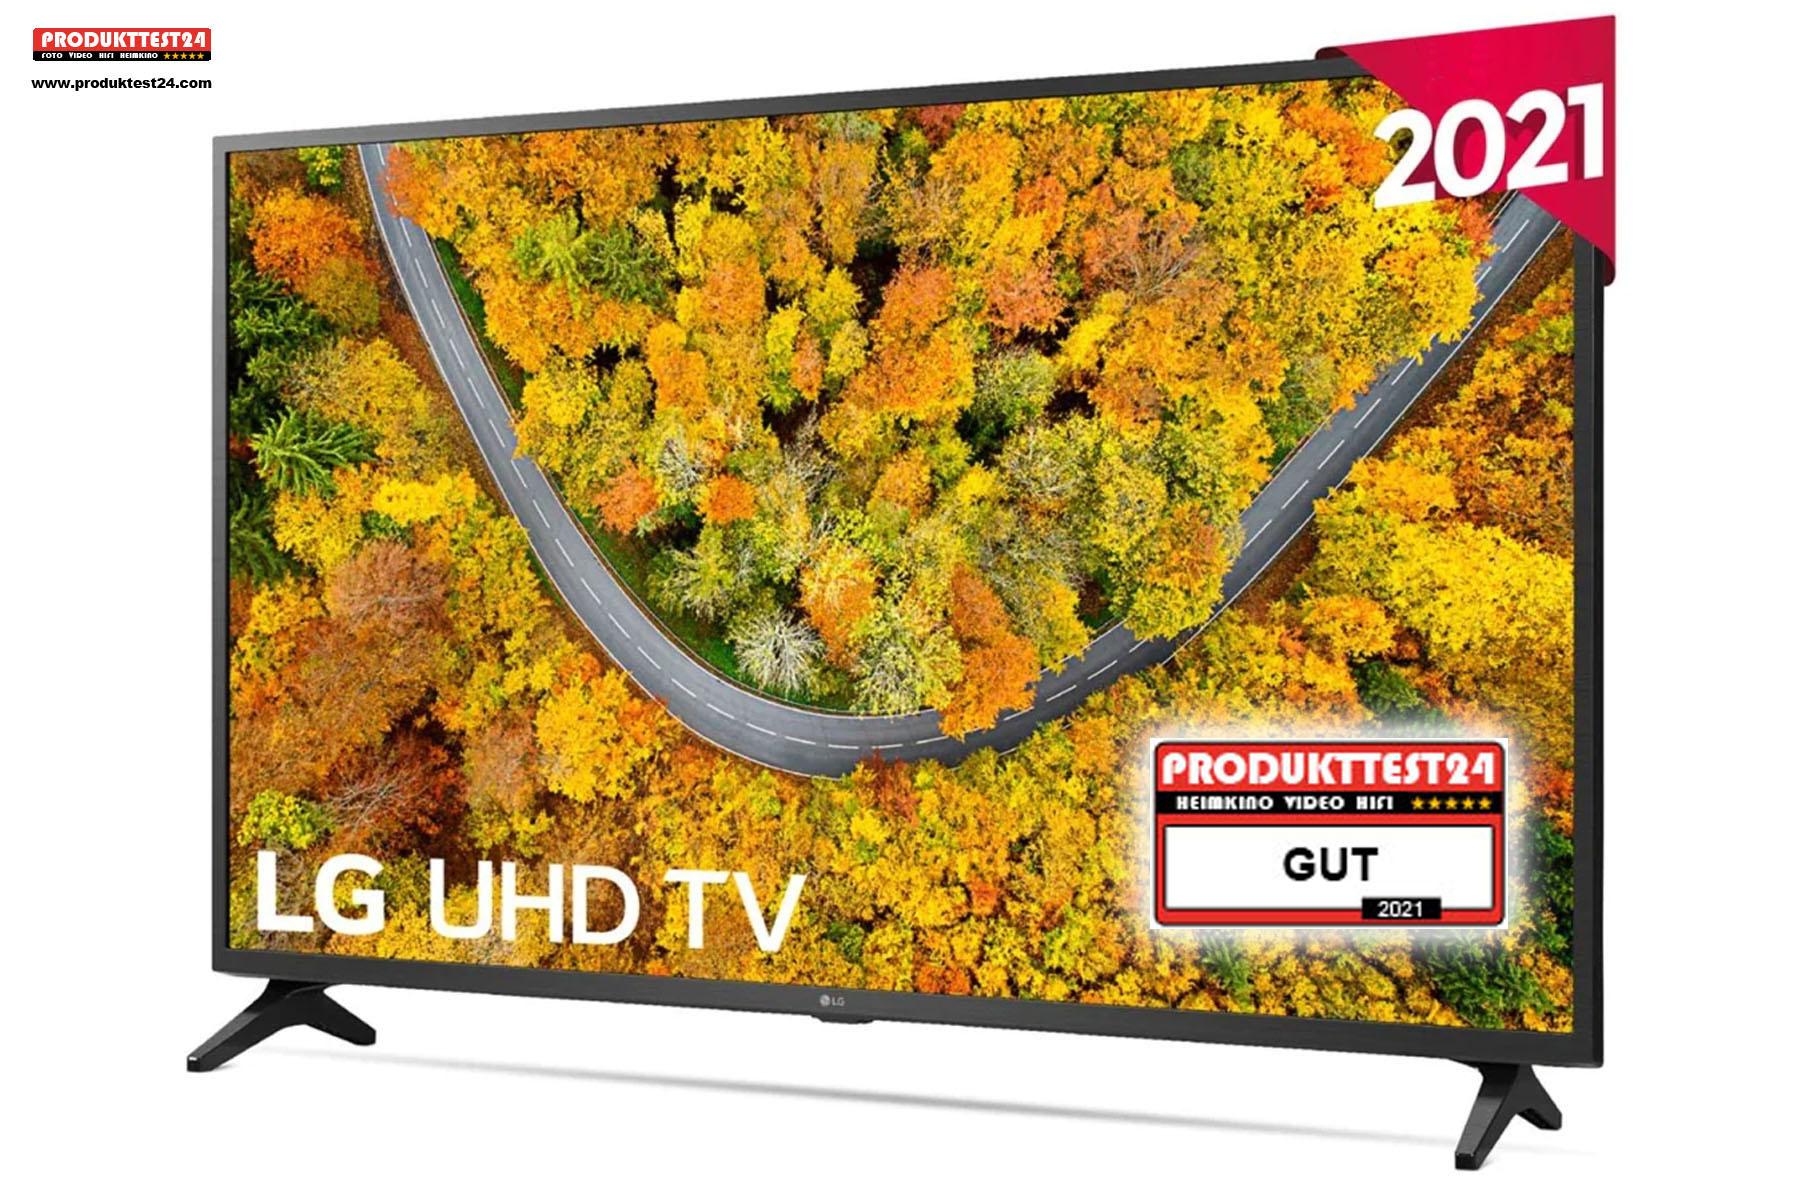 Der günstige LG 75UP75009LF